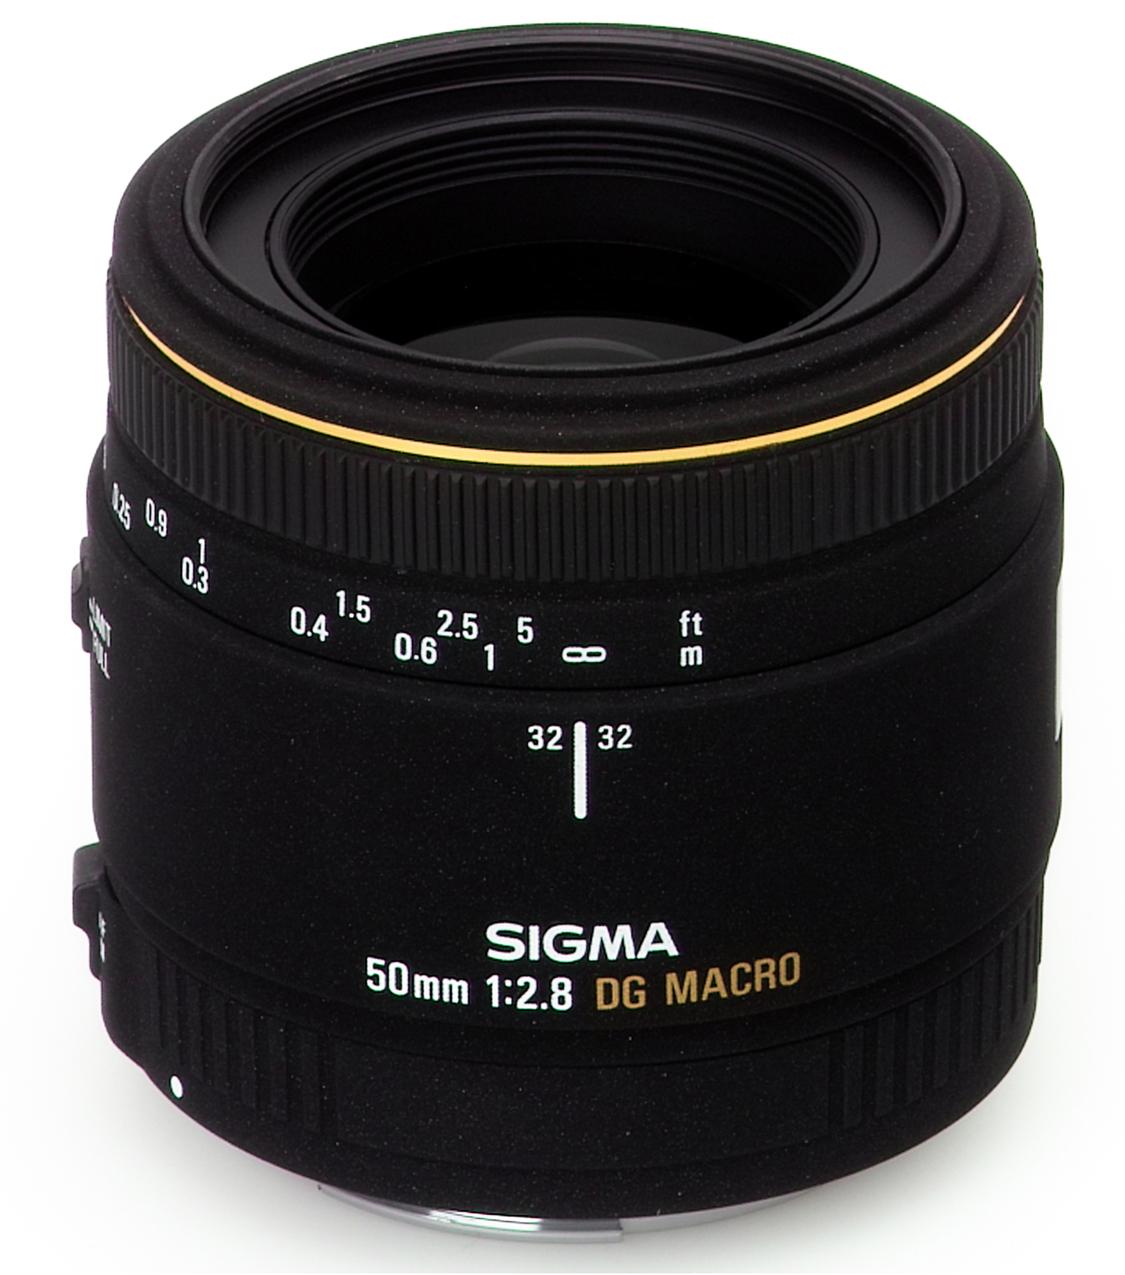 Sigma 50mm Macro Lens